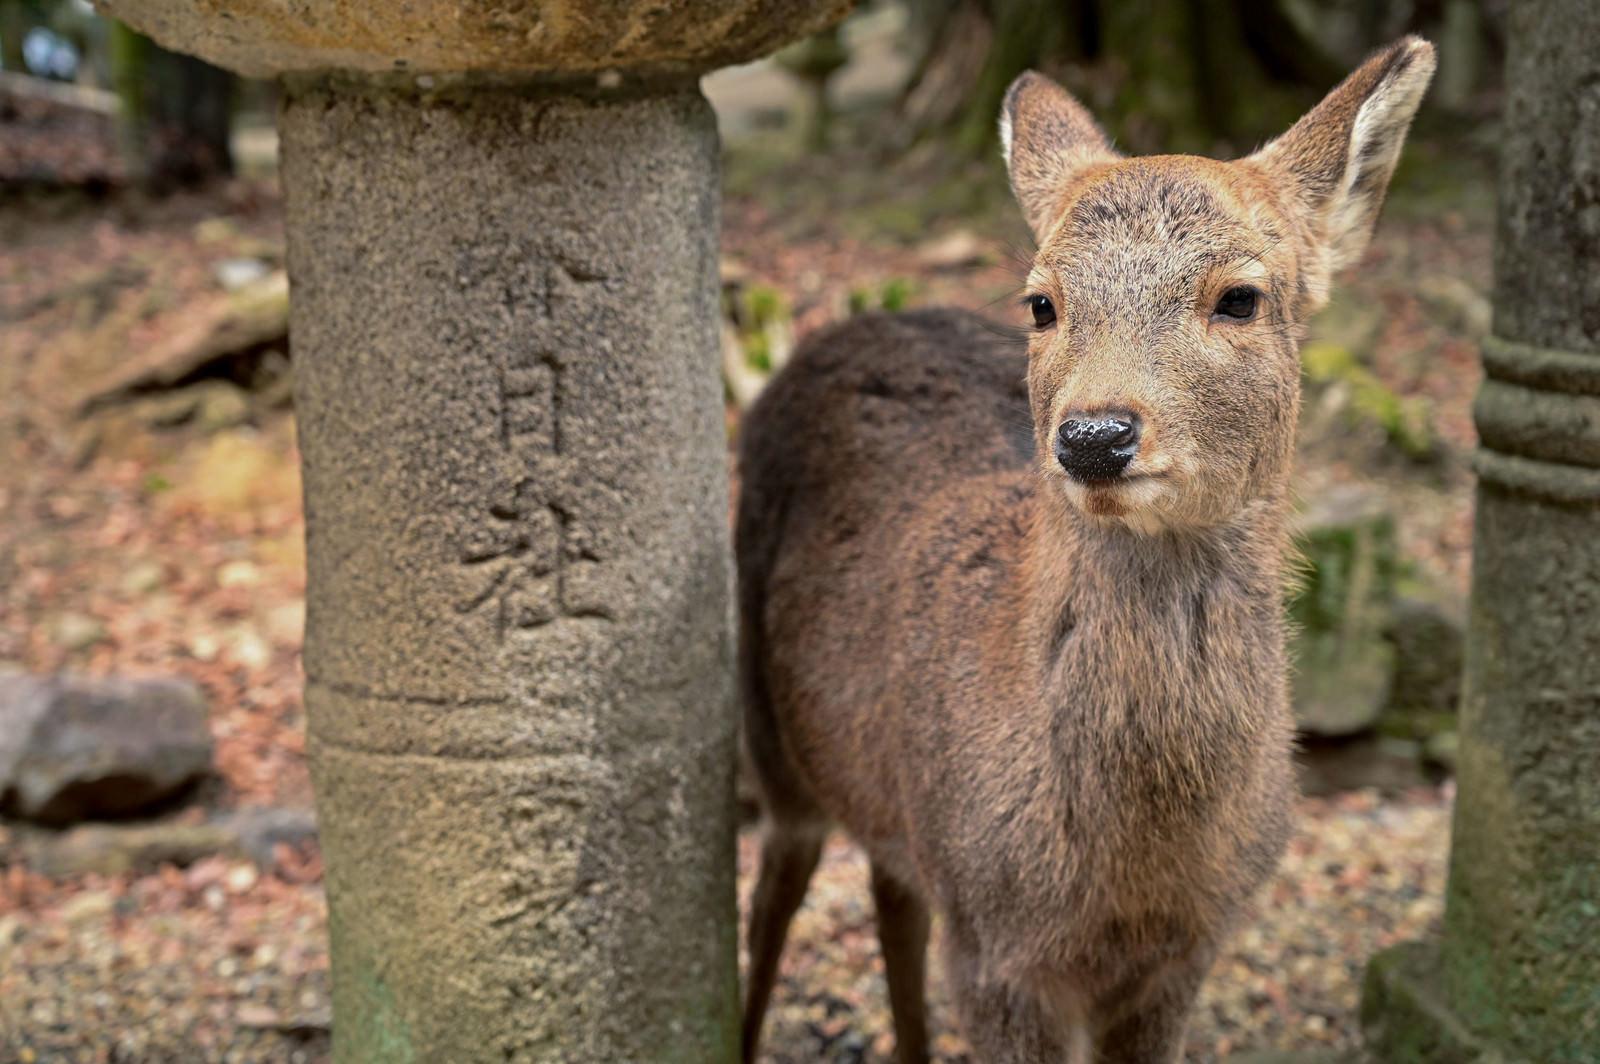 「春日大社の石灯籠の下にいた鹿さん」の写真